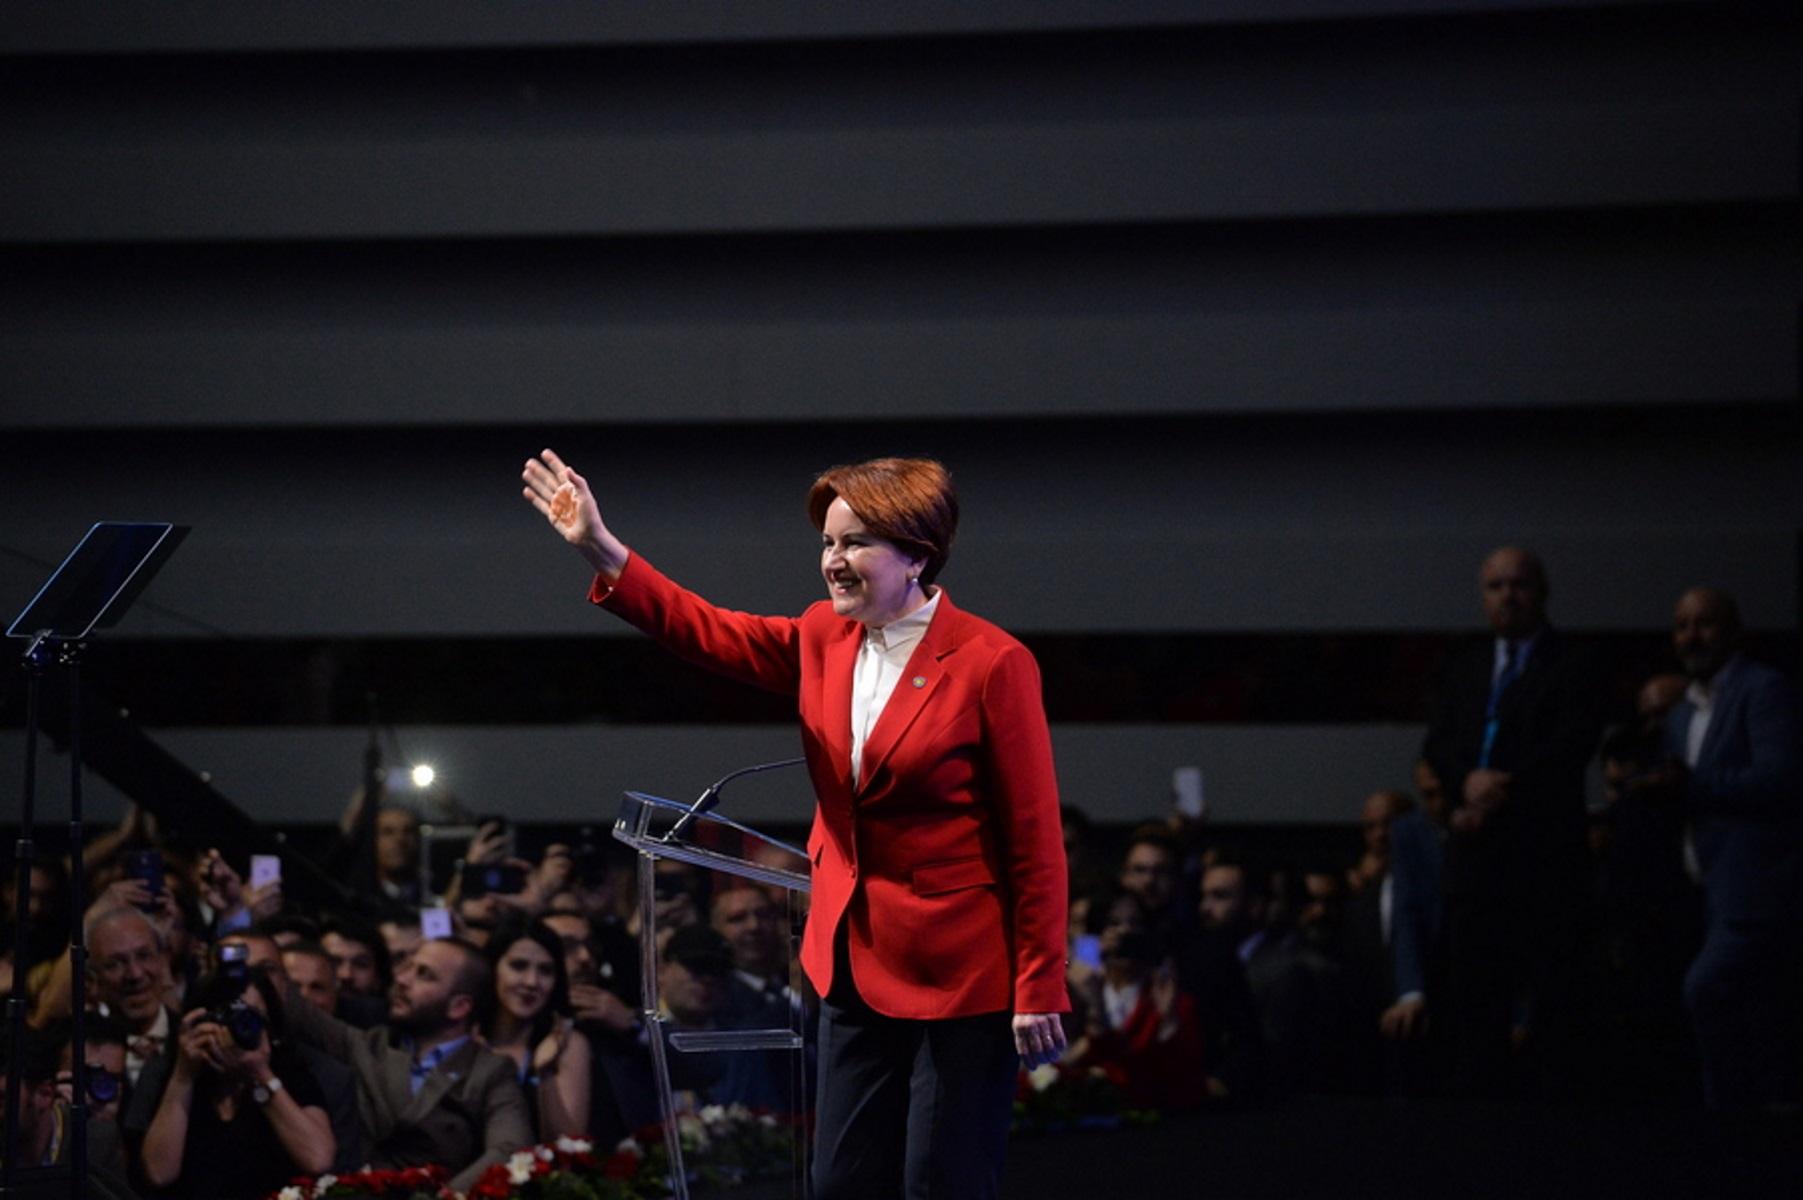 Μεράλ Ακσενέρ σε Ταγίπ Ερντογάν: «Έχεις άνοια – Λύσε sudoku»